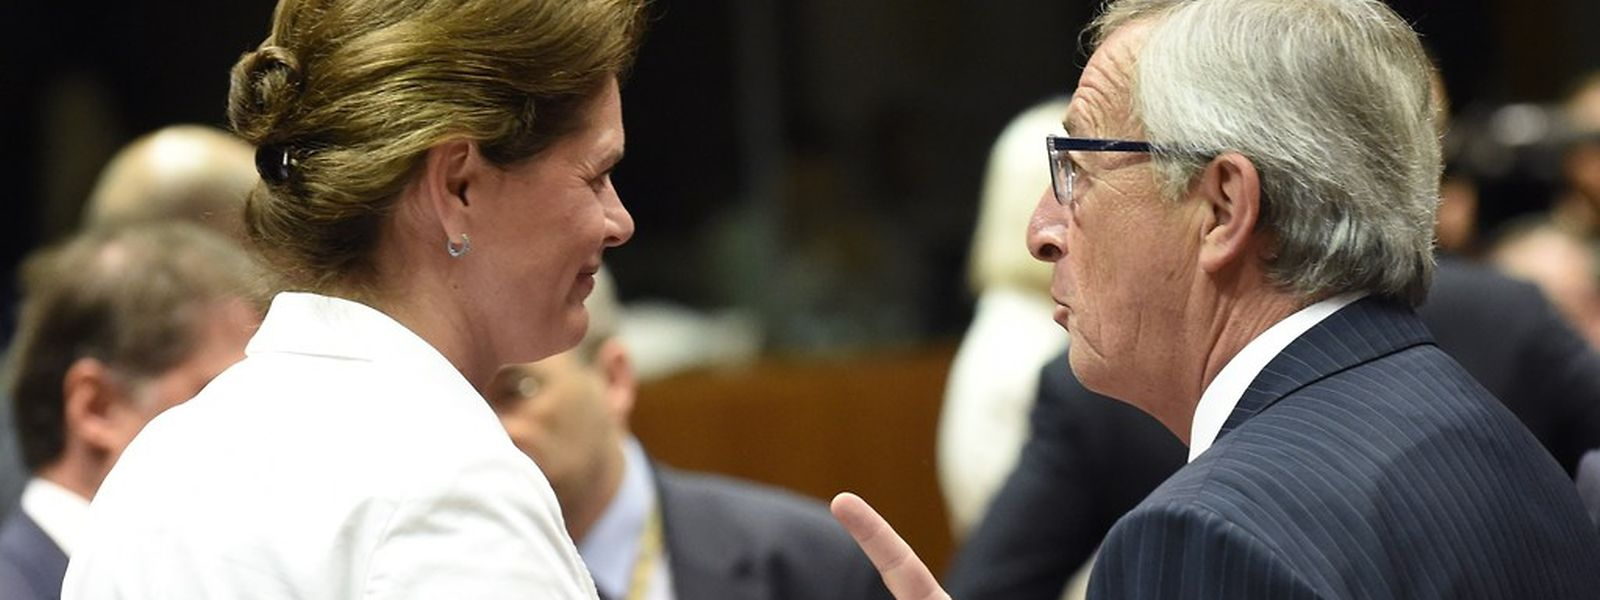 Jean-Claude Juncker en compagnie du Premier ministre slovène, Alenka Bratusek, à Bruxelles le 30 août 2014